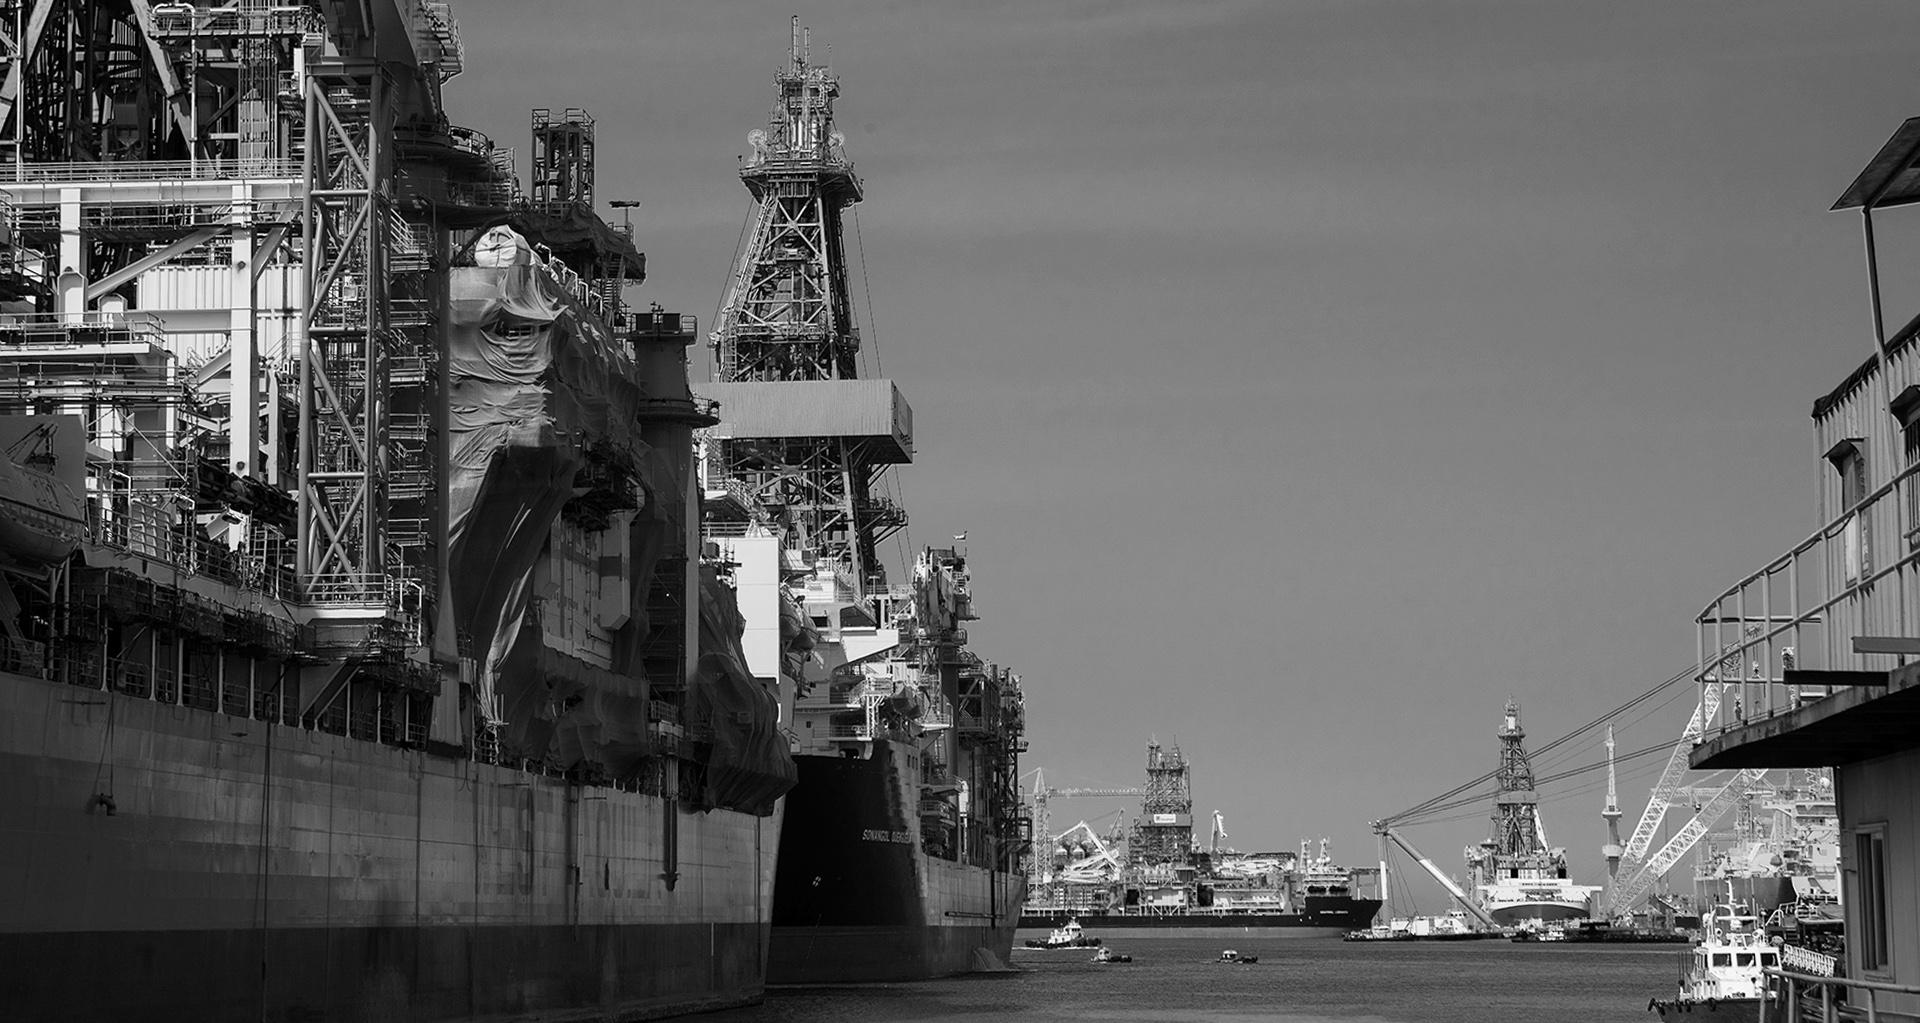 대우조선해양을 위기에 빠뜨린 해양플랜트. 선주가 배 인수를 미루면서 위기가 시작됐다.